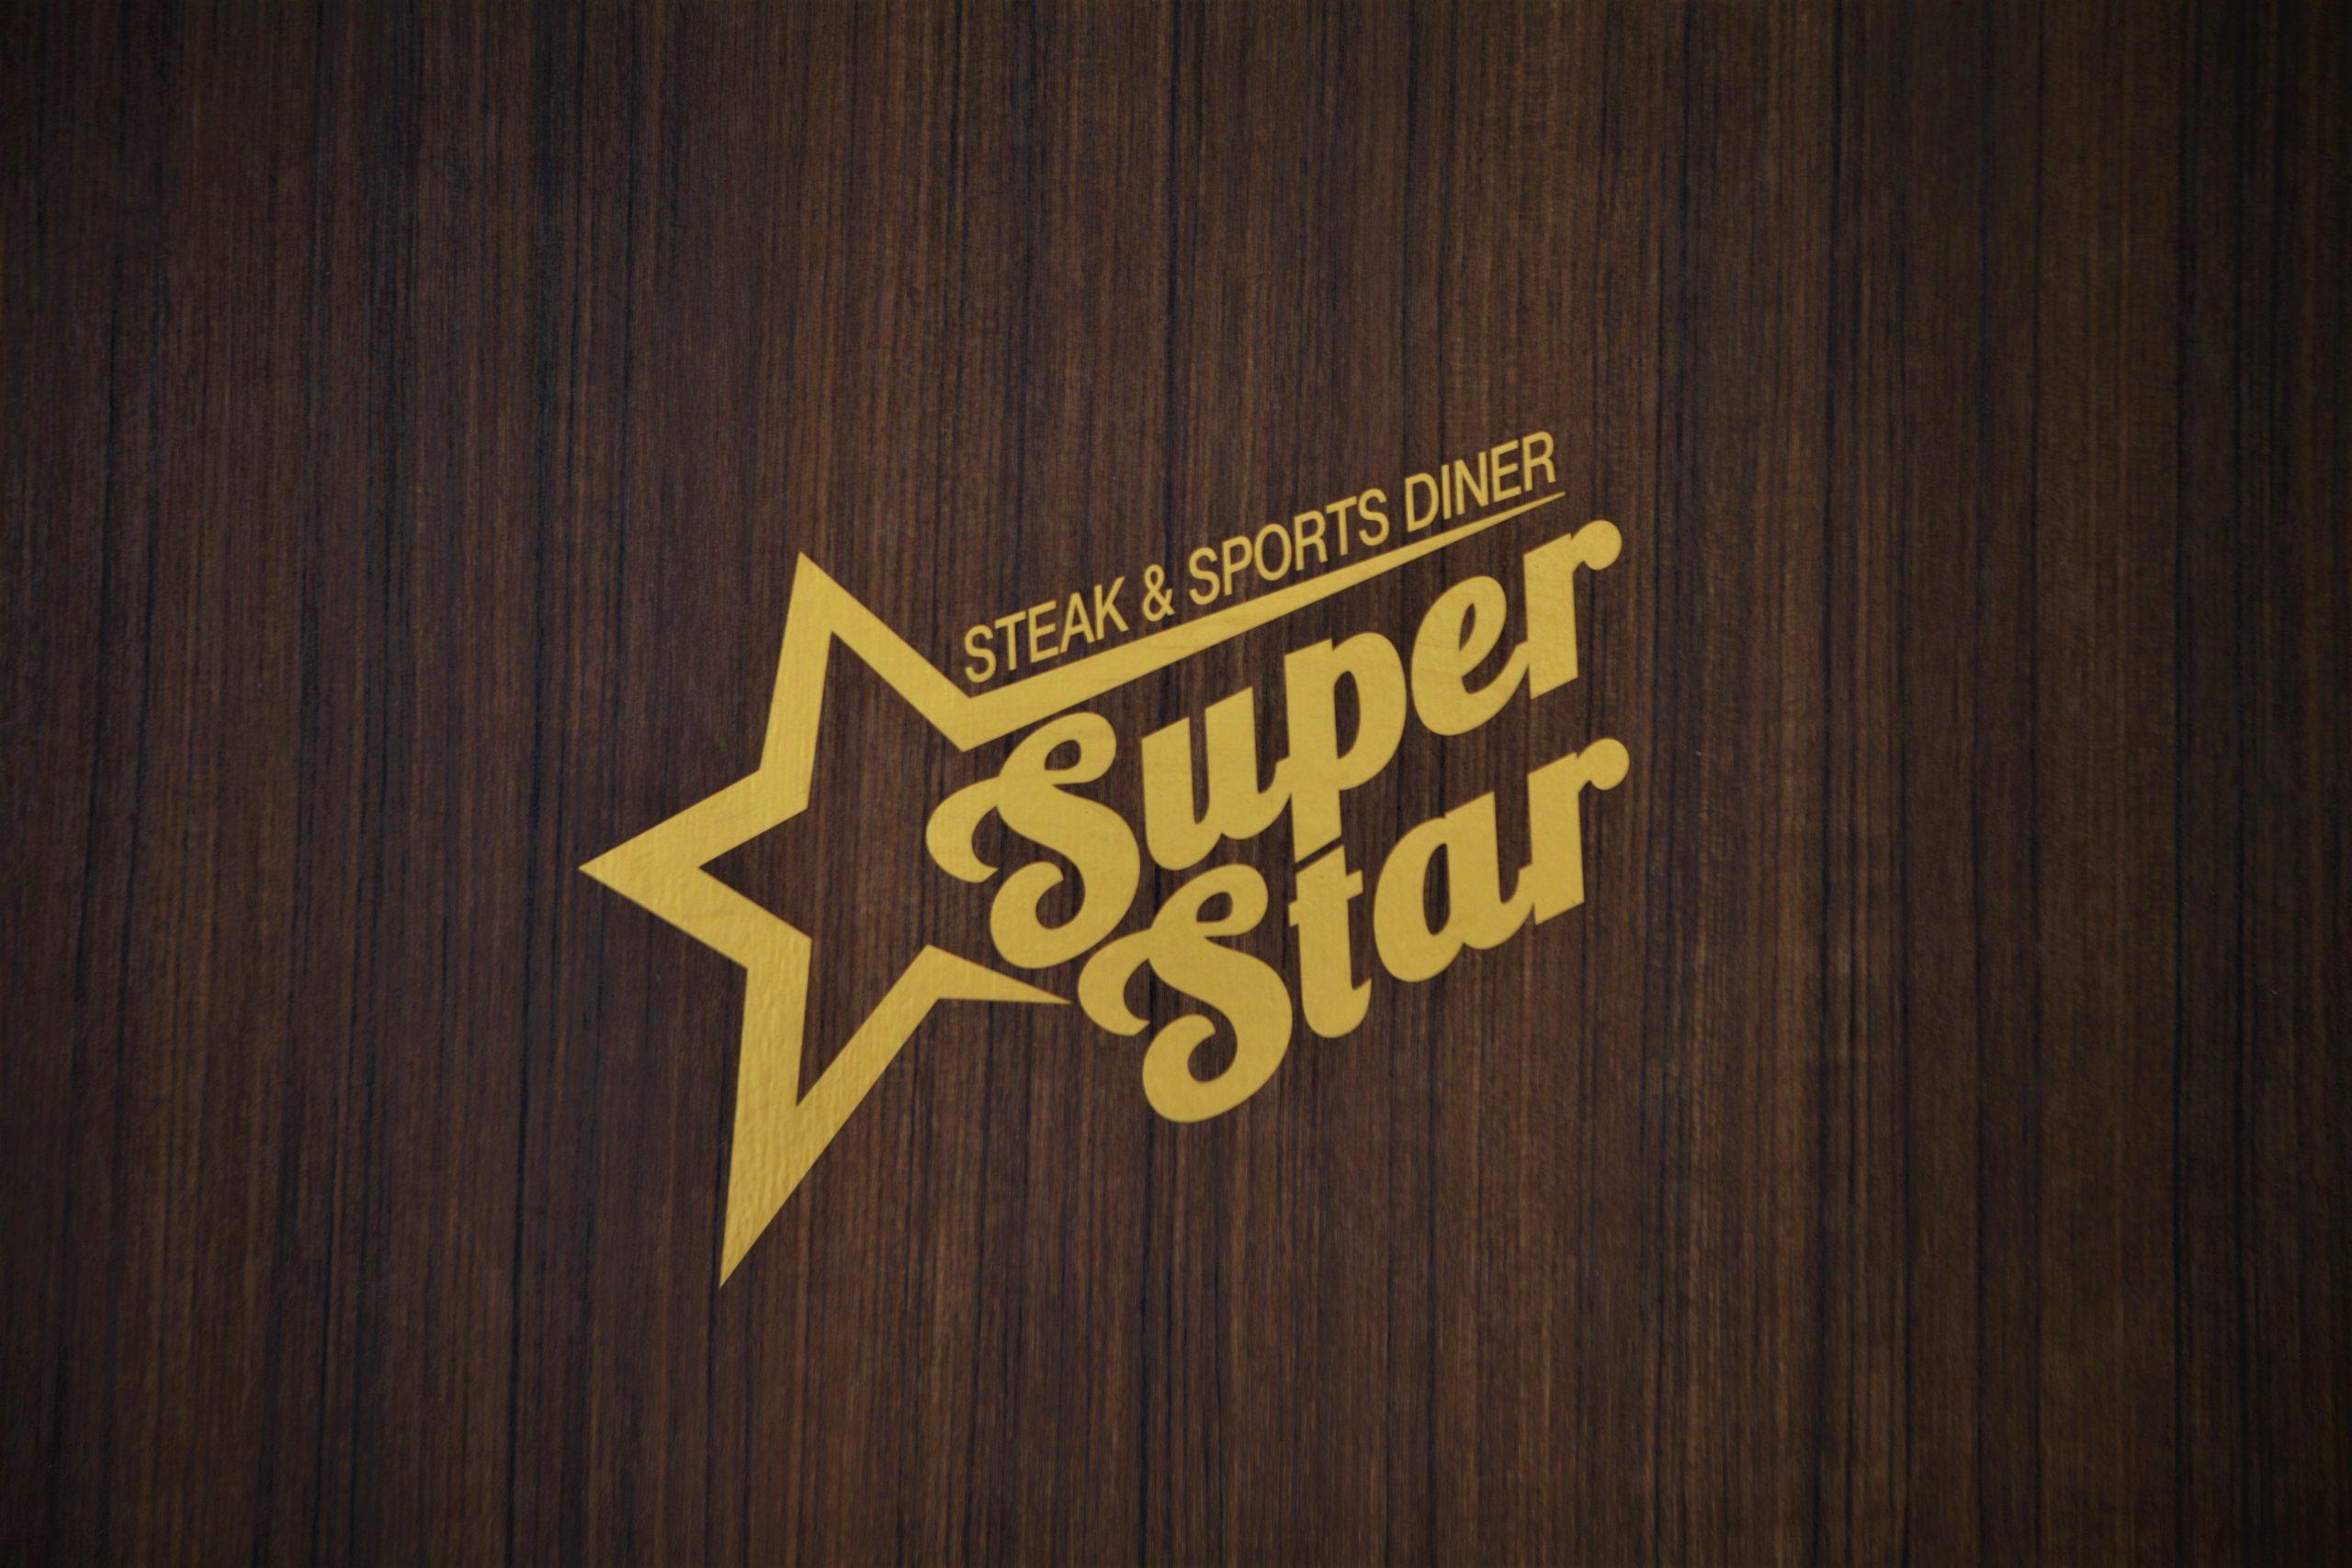 理想通貨に今年も参加「SUPER STAR(スーパースター)」さん!